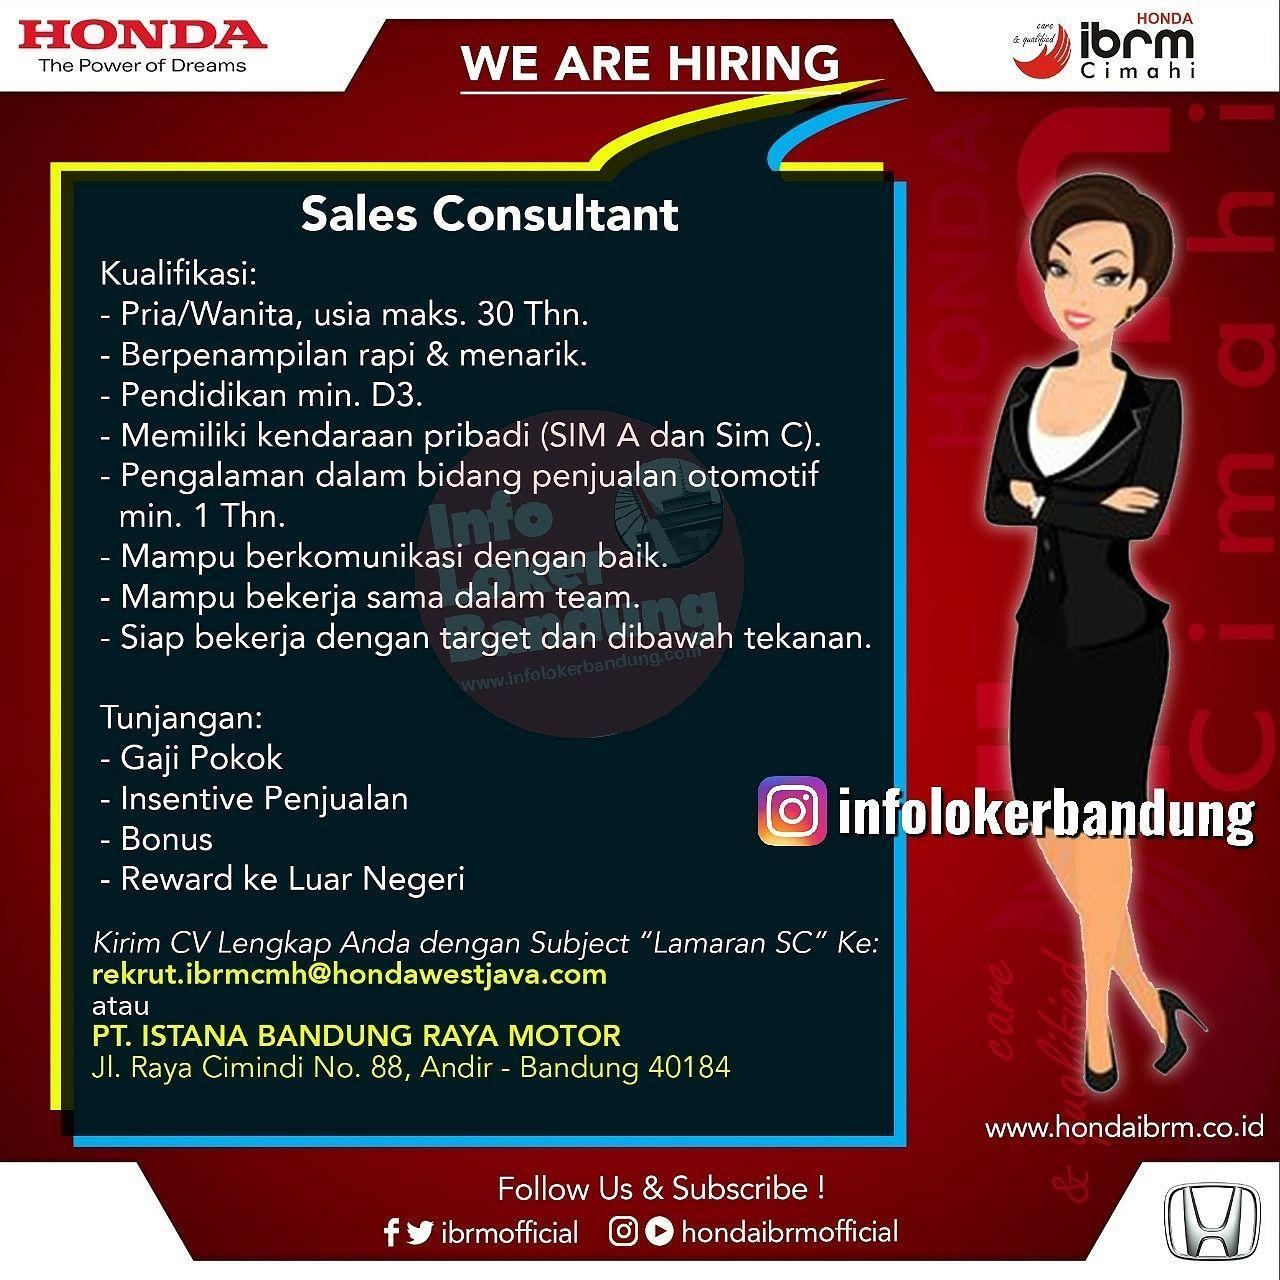 Dibutuhkan Segera Sales Consultan Honda IBRM Cimahi